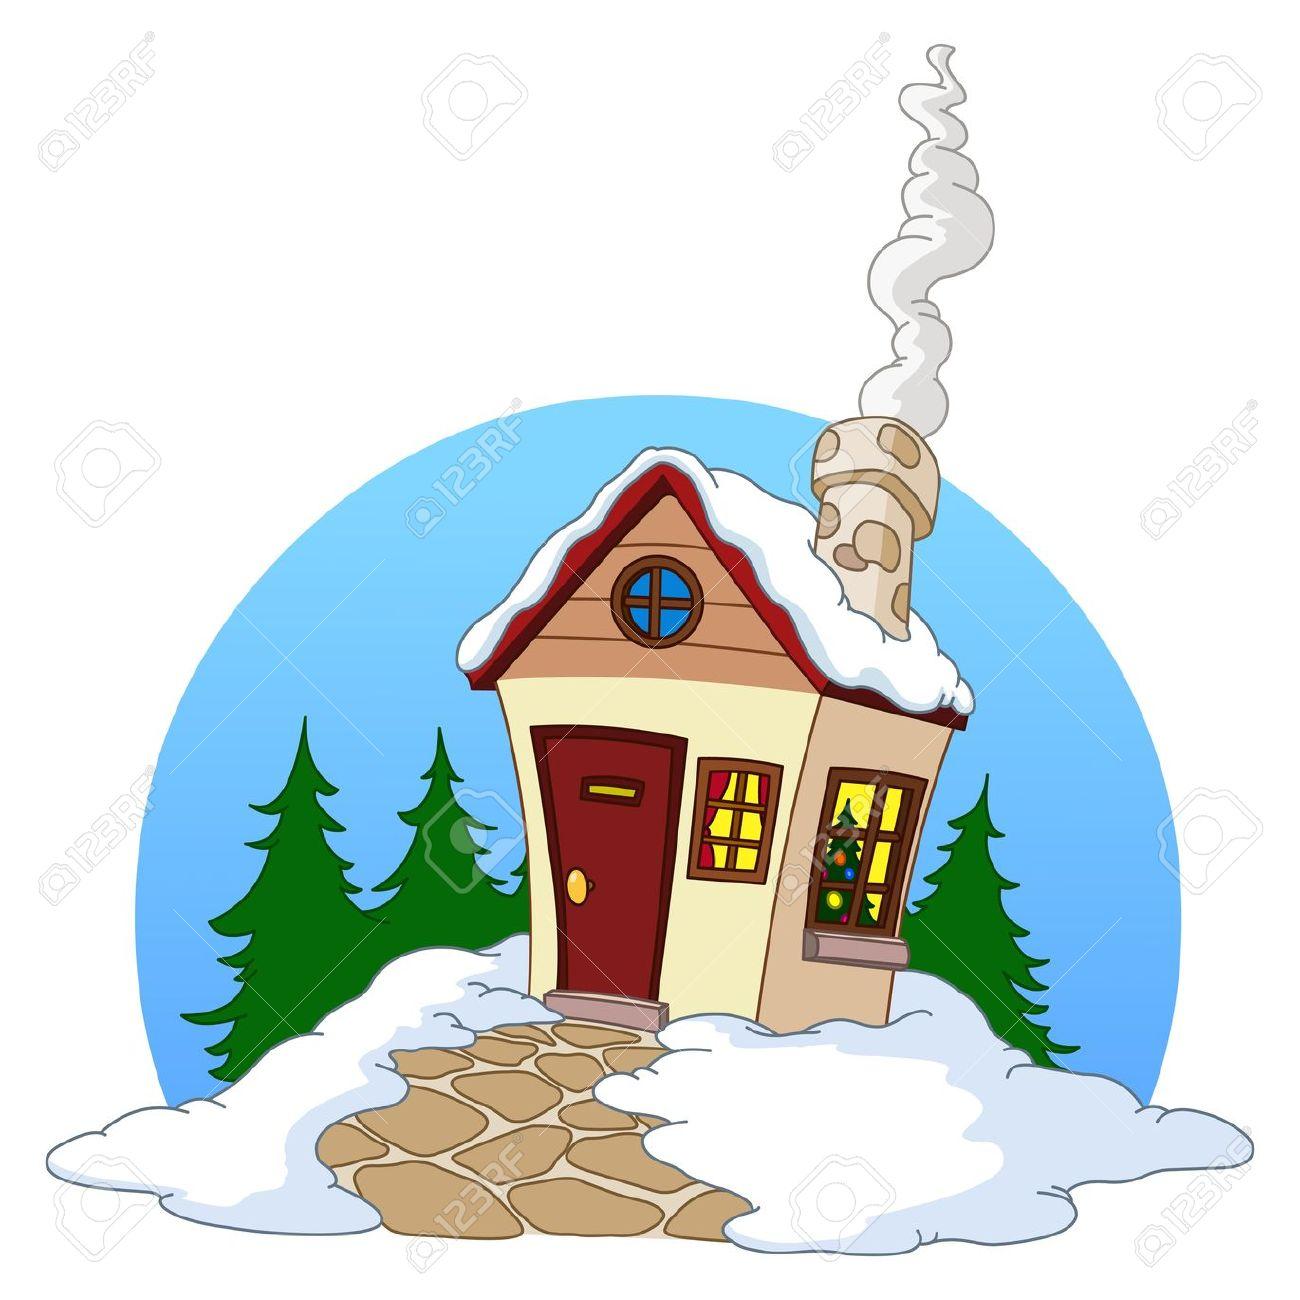 1300x1300 Fir Home's Hut Clipart